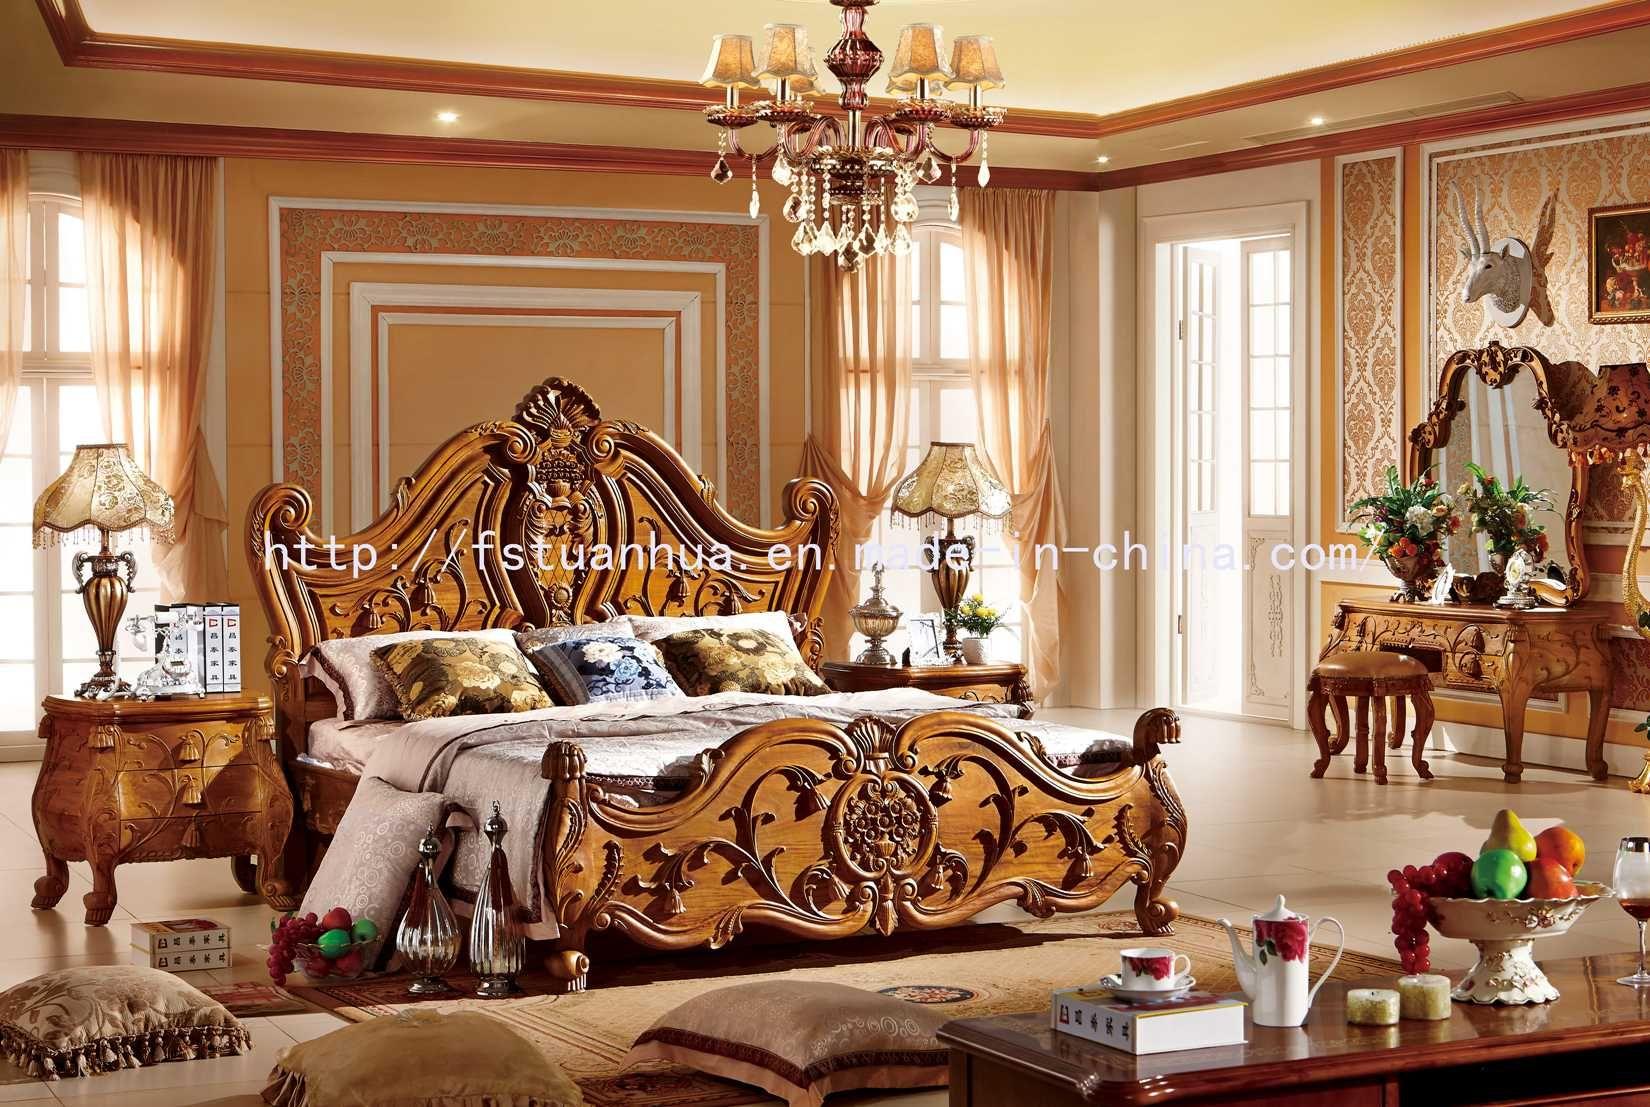 Foto de dise os de madera del modelo de la cama - Disenos de camas ...